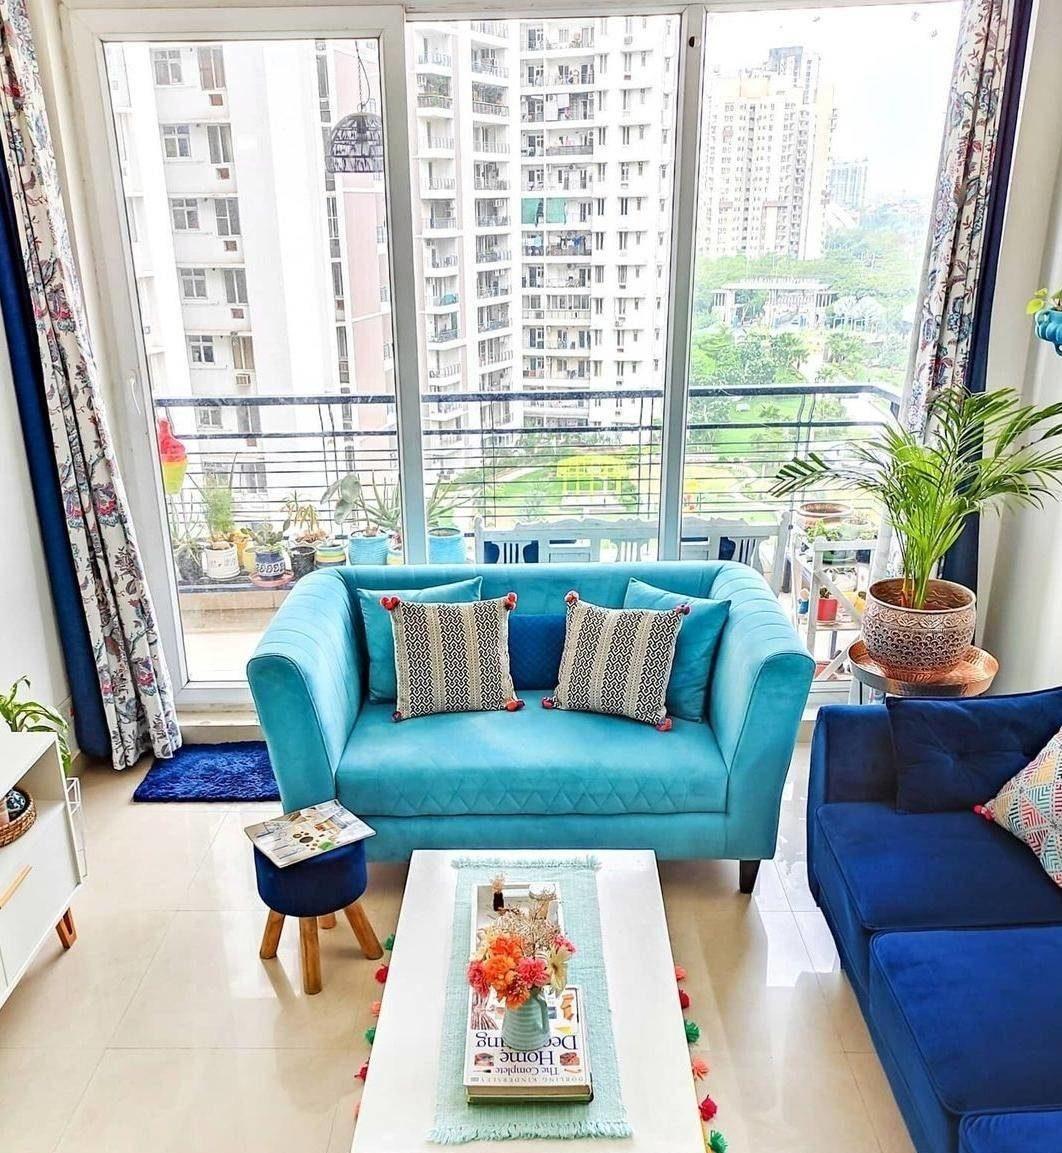 Sofa nhiều màu sắc tạo điểm nhấn nổi bật cho không gian sống hiện đại - Ảnh 3.